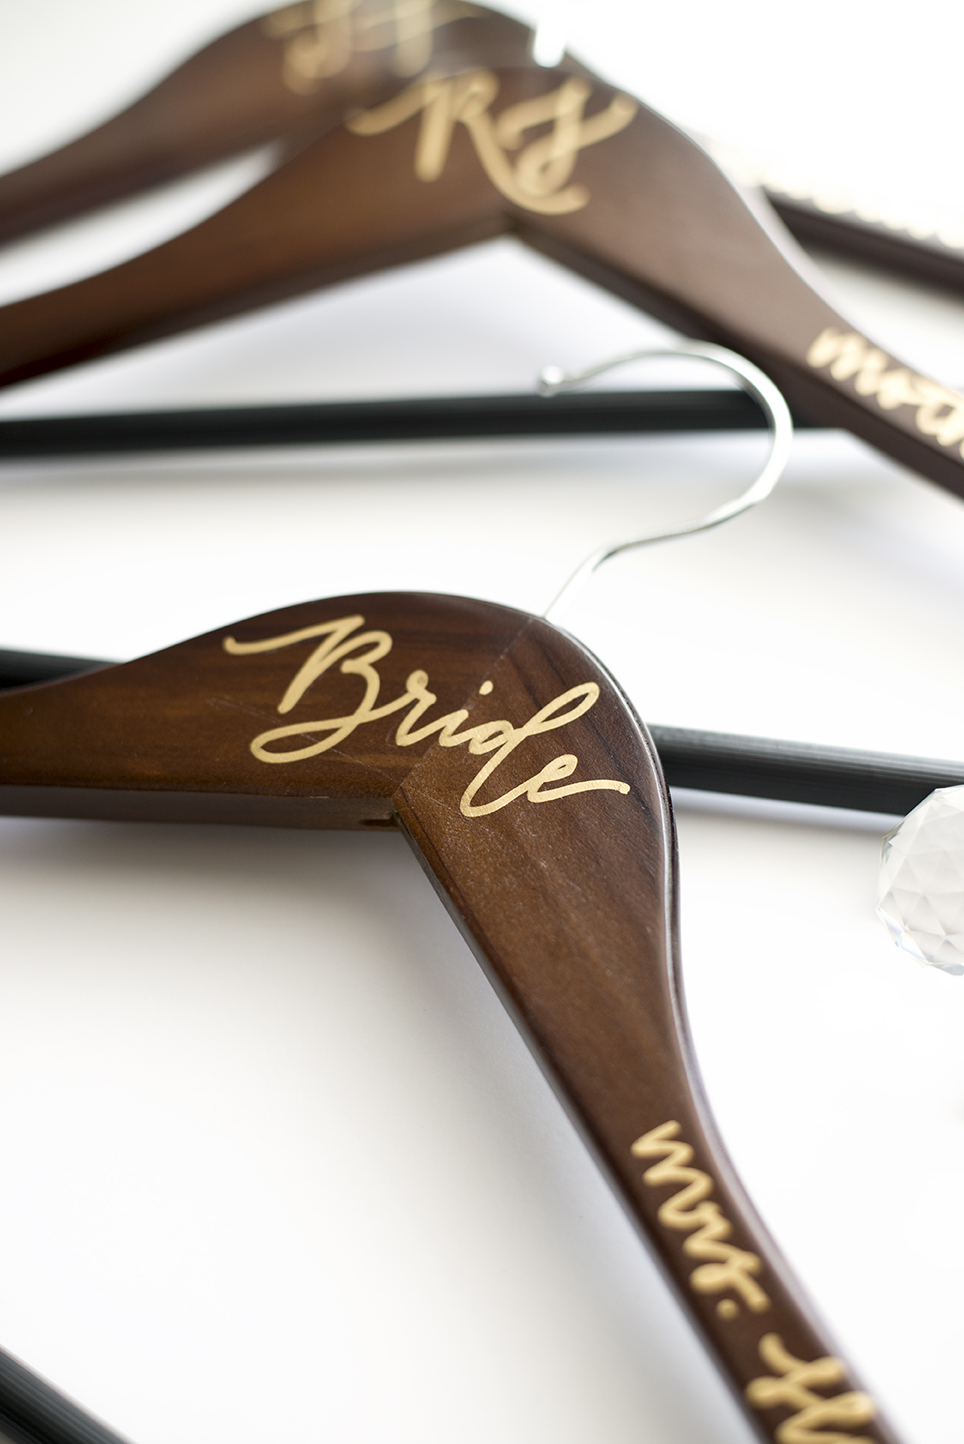 heylux-calligraphyhanger-bride-02.jpg